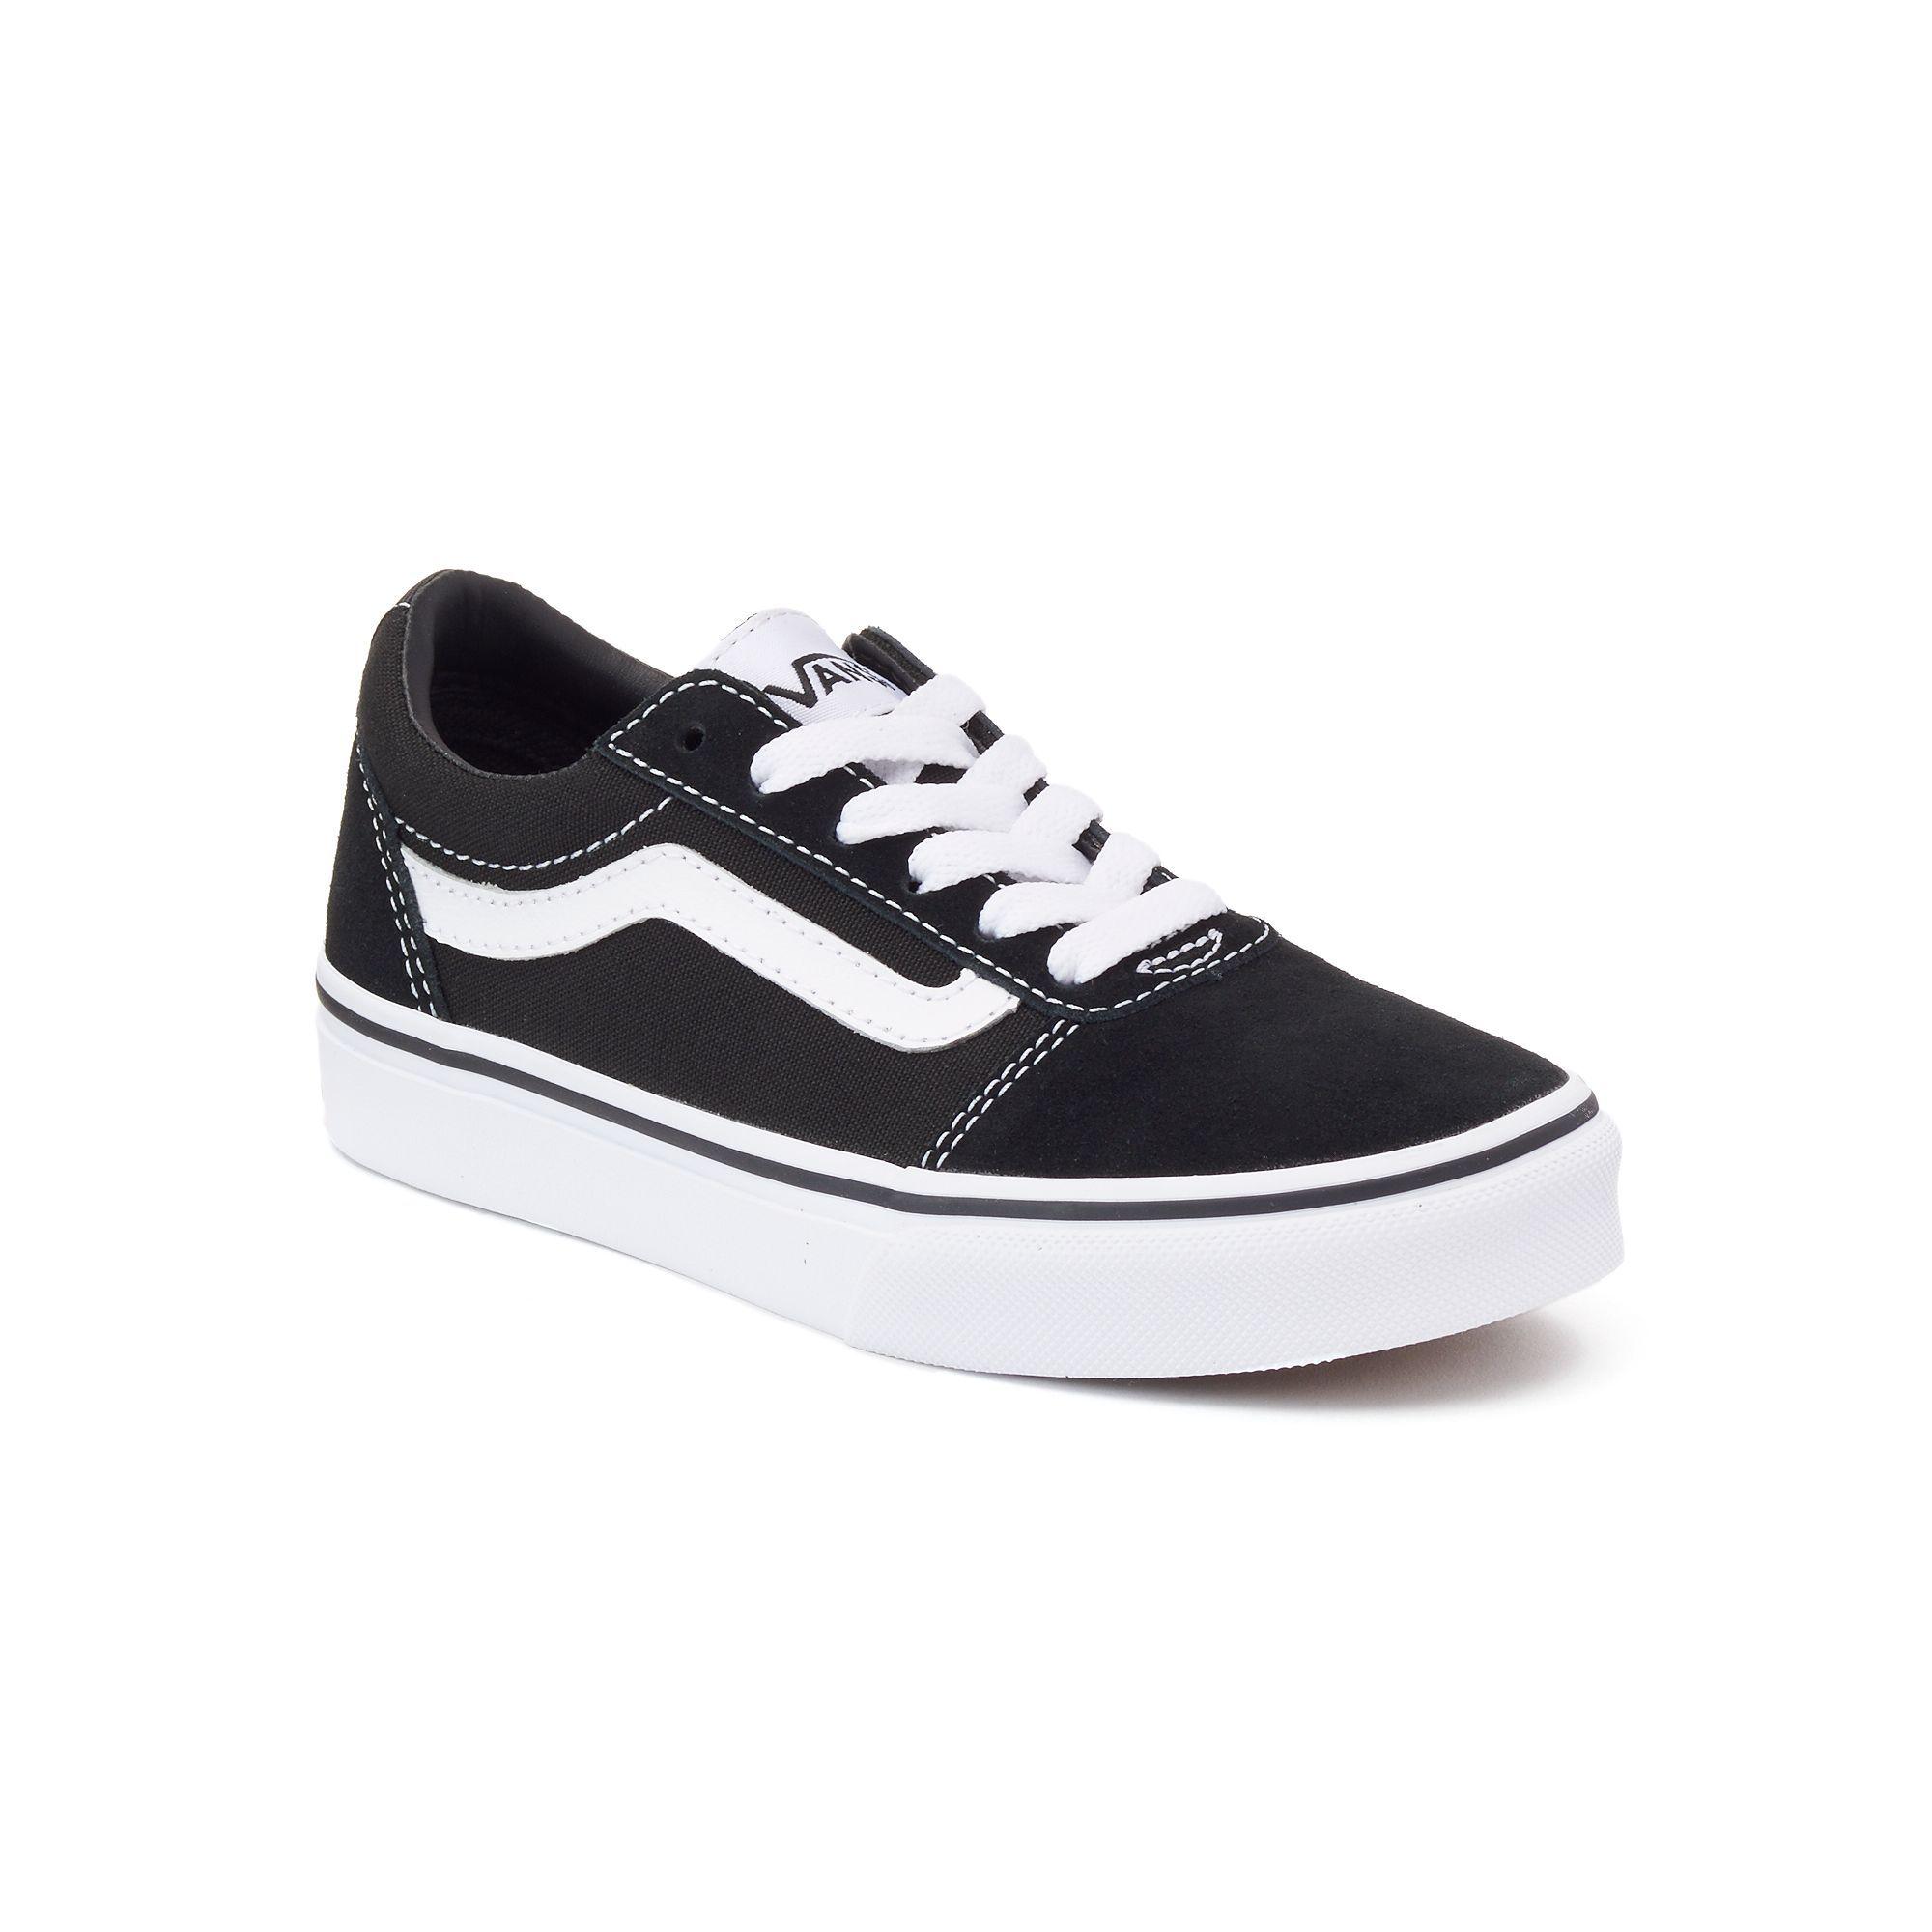 Vans Ward Low Kids' Skate Shoes in 2020 Gutteskøyter  Boys skate shoes